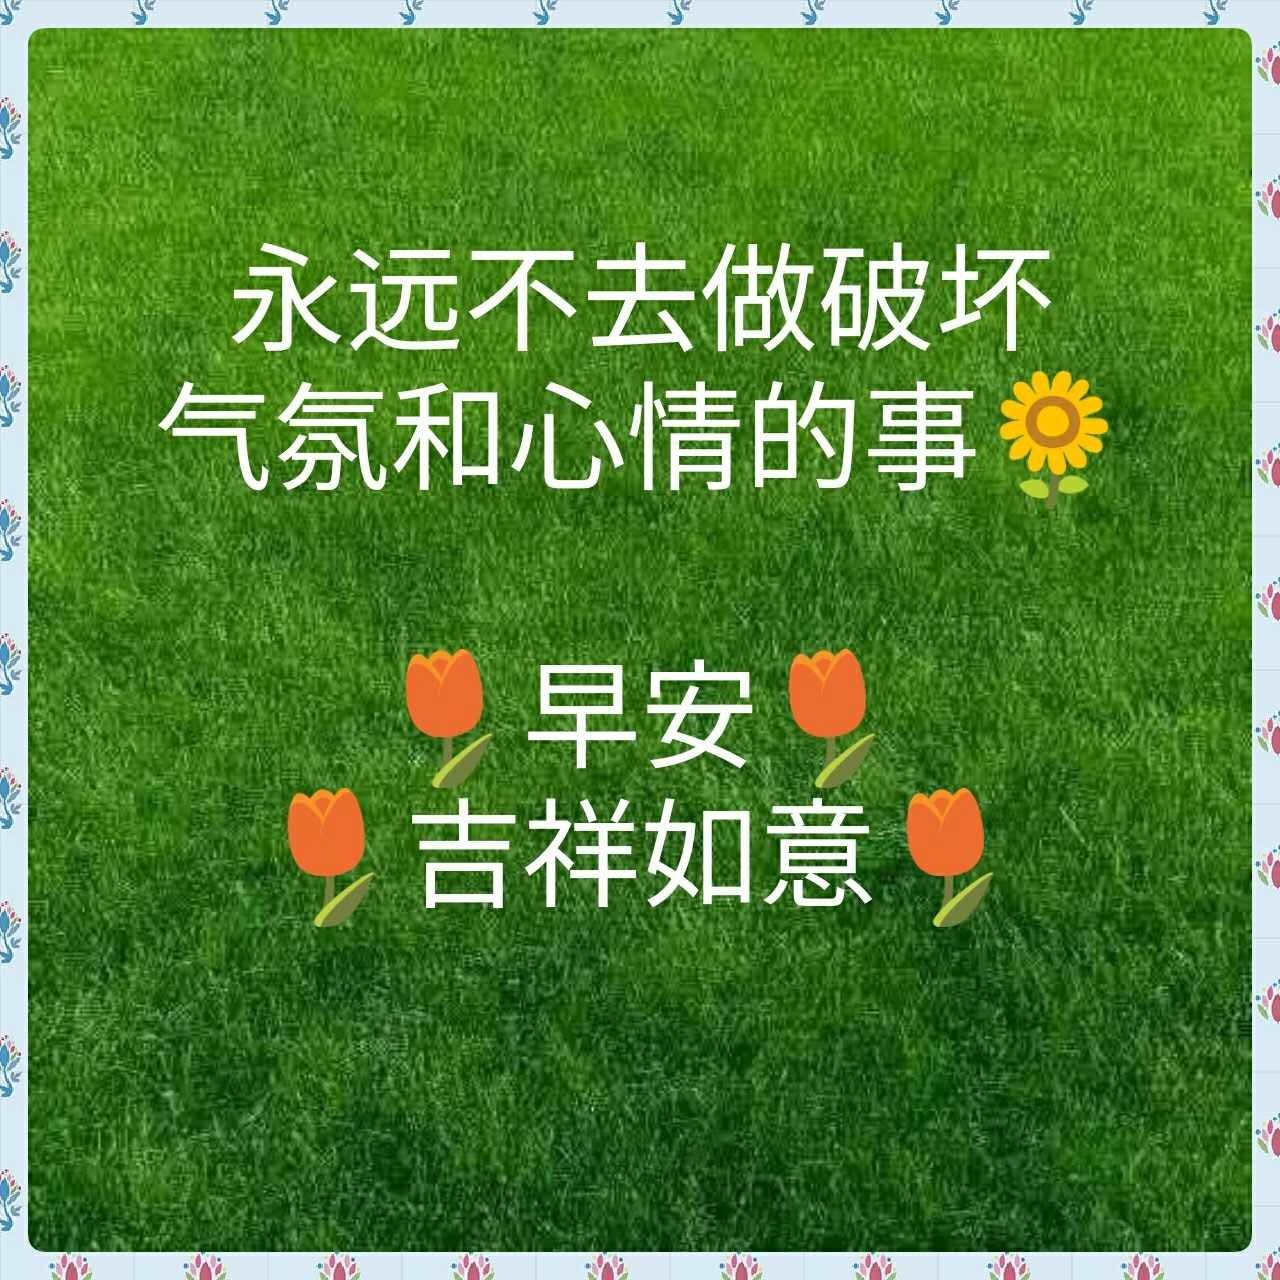 b0348023_20563055.jpg